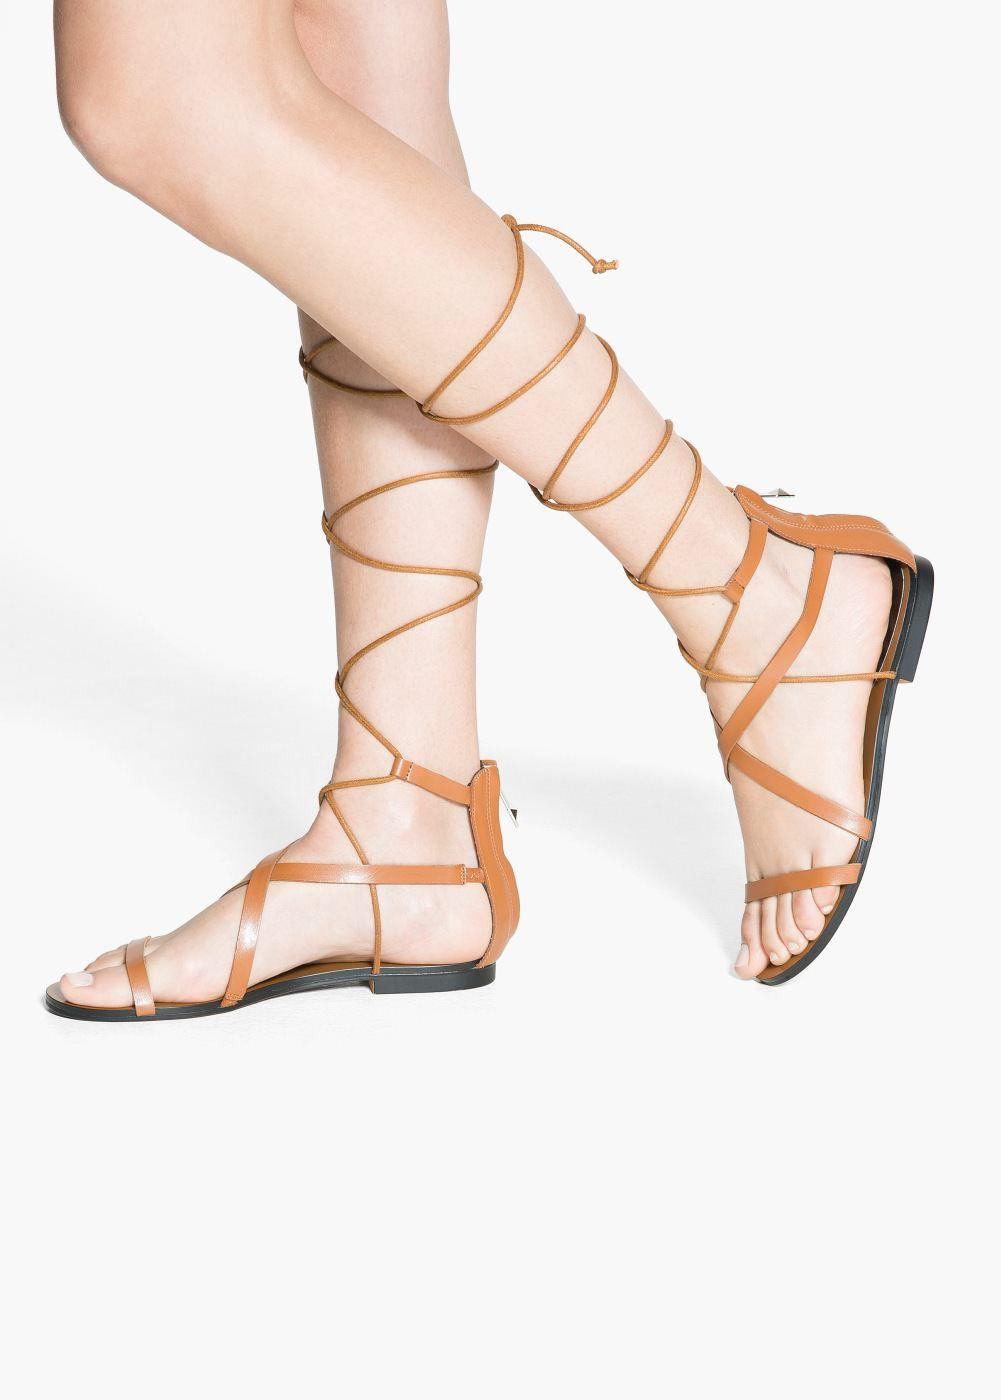 fbac56df6 Mango Strap cord sandals Sandalia Salto Baixo, Saltos Baixos, Moldes De  Roupas, Sandálias